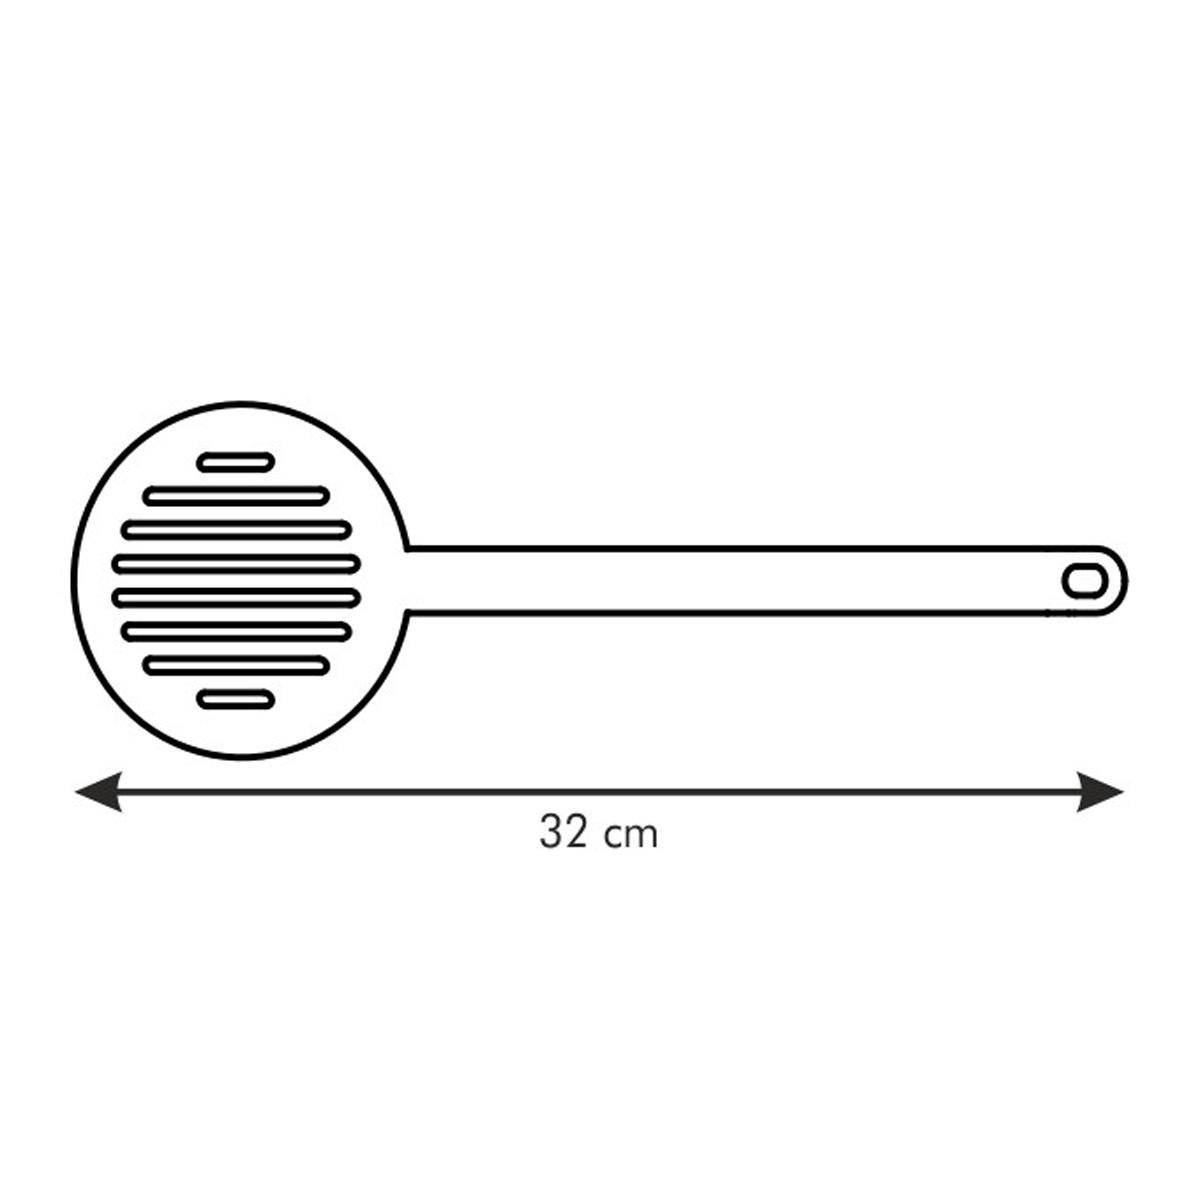 Pěnovačka SPACE LINE